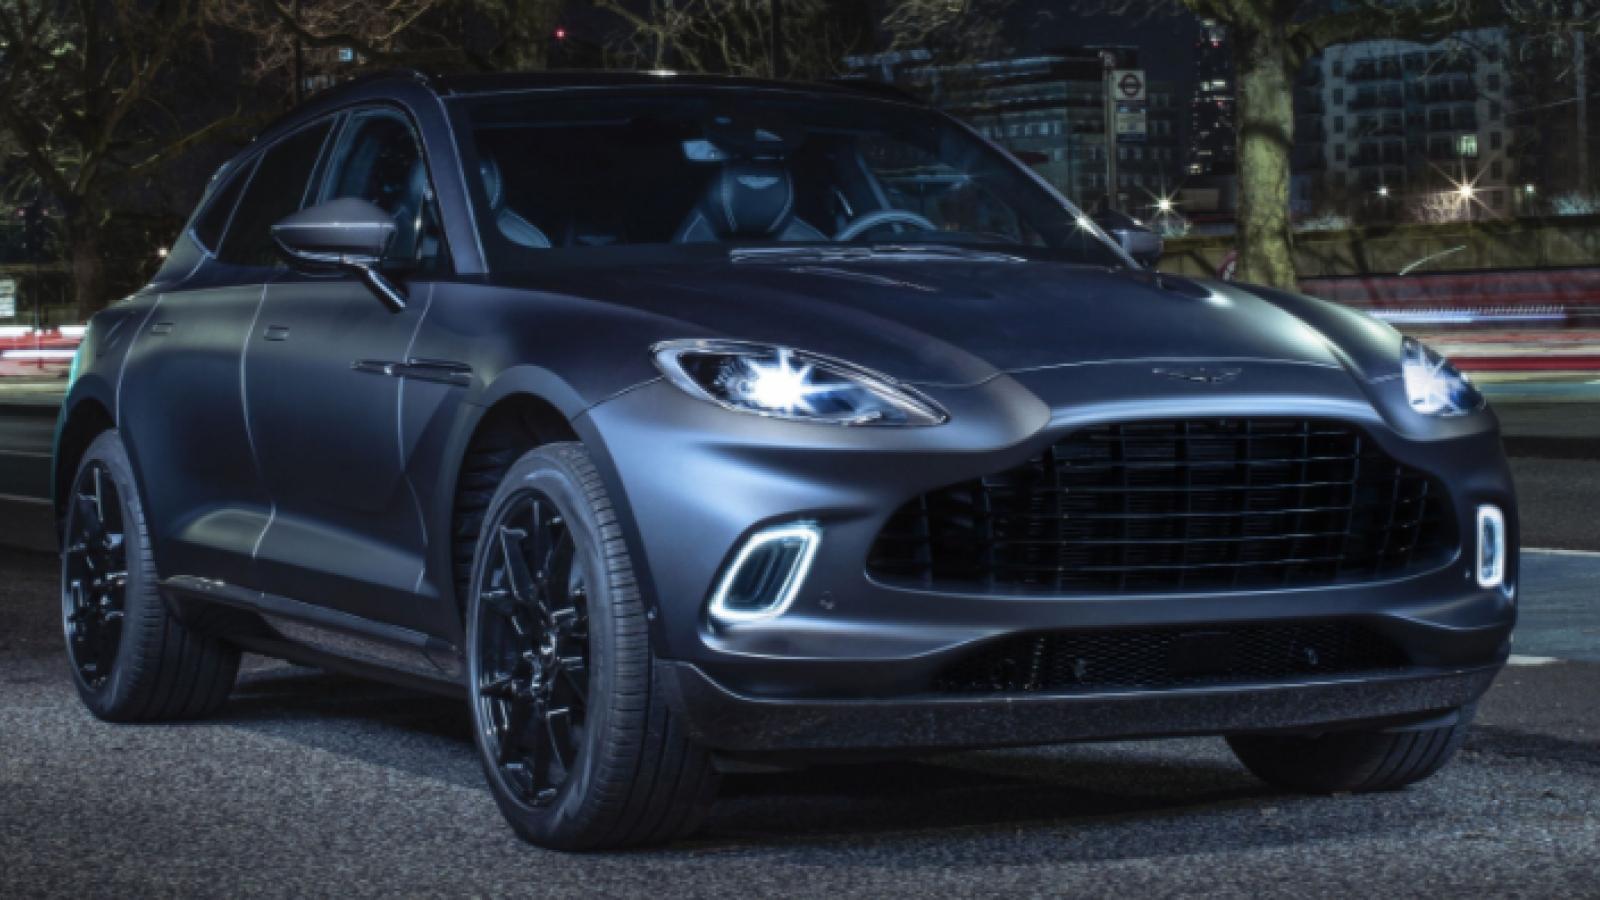 Aston Martin sẽ ra mắt 10 mẫu xe mới trong 2 năm tới